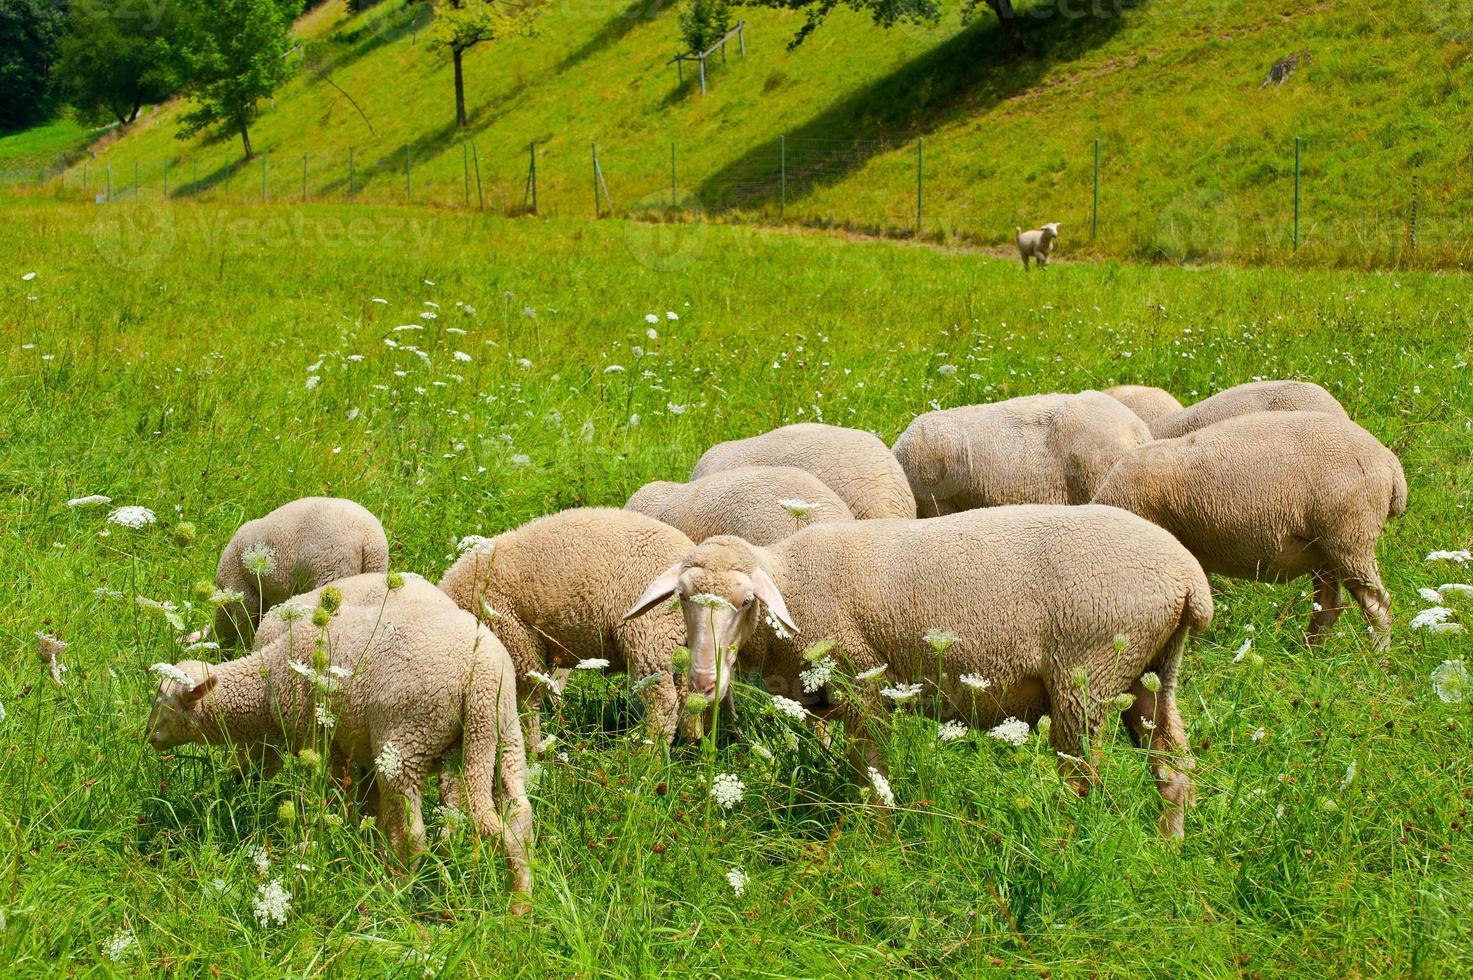 Grazing Sheeps photo